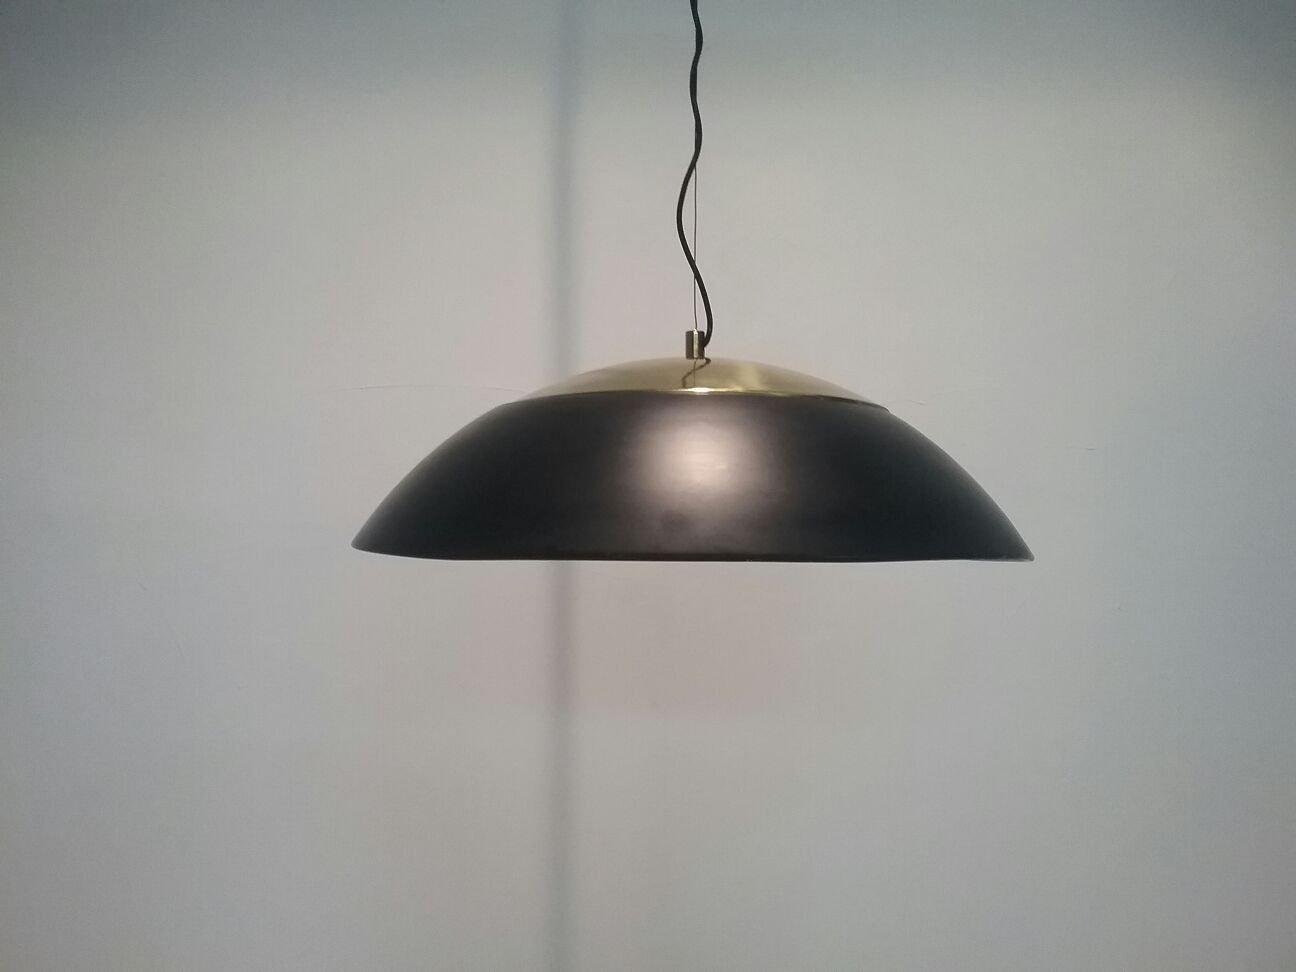 Lampadario nero blanche ideal lux lampadario classico con for Beliani lampadari